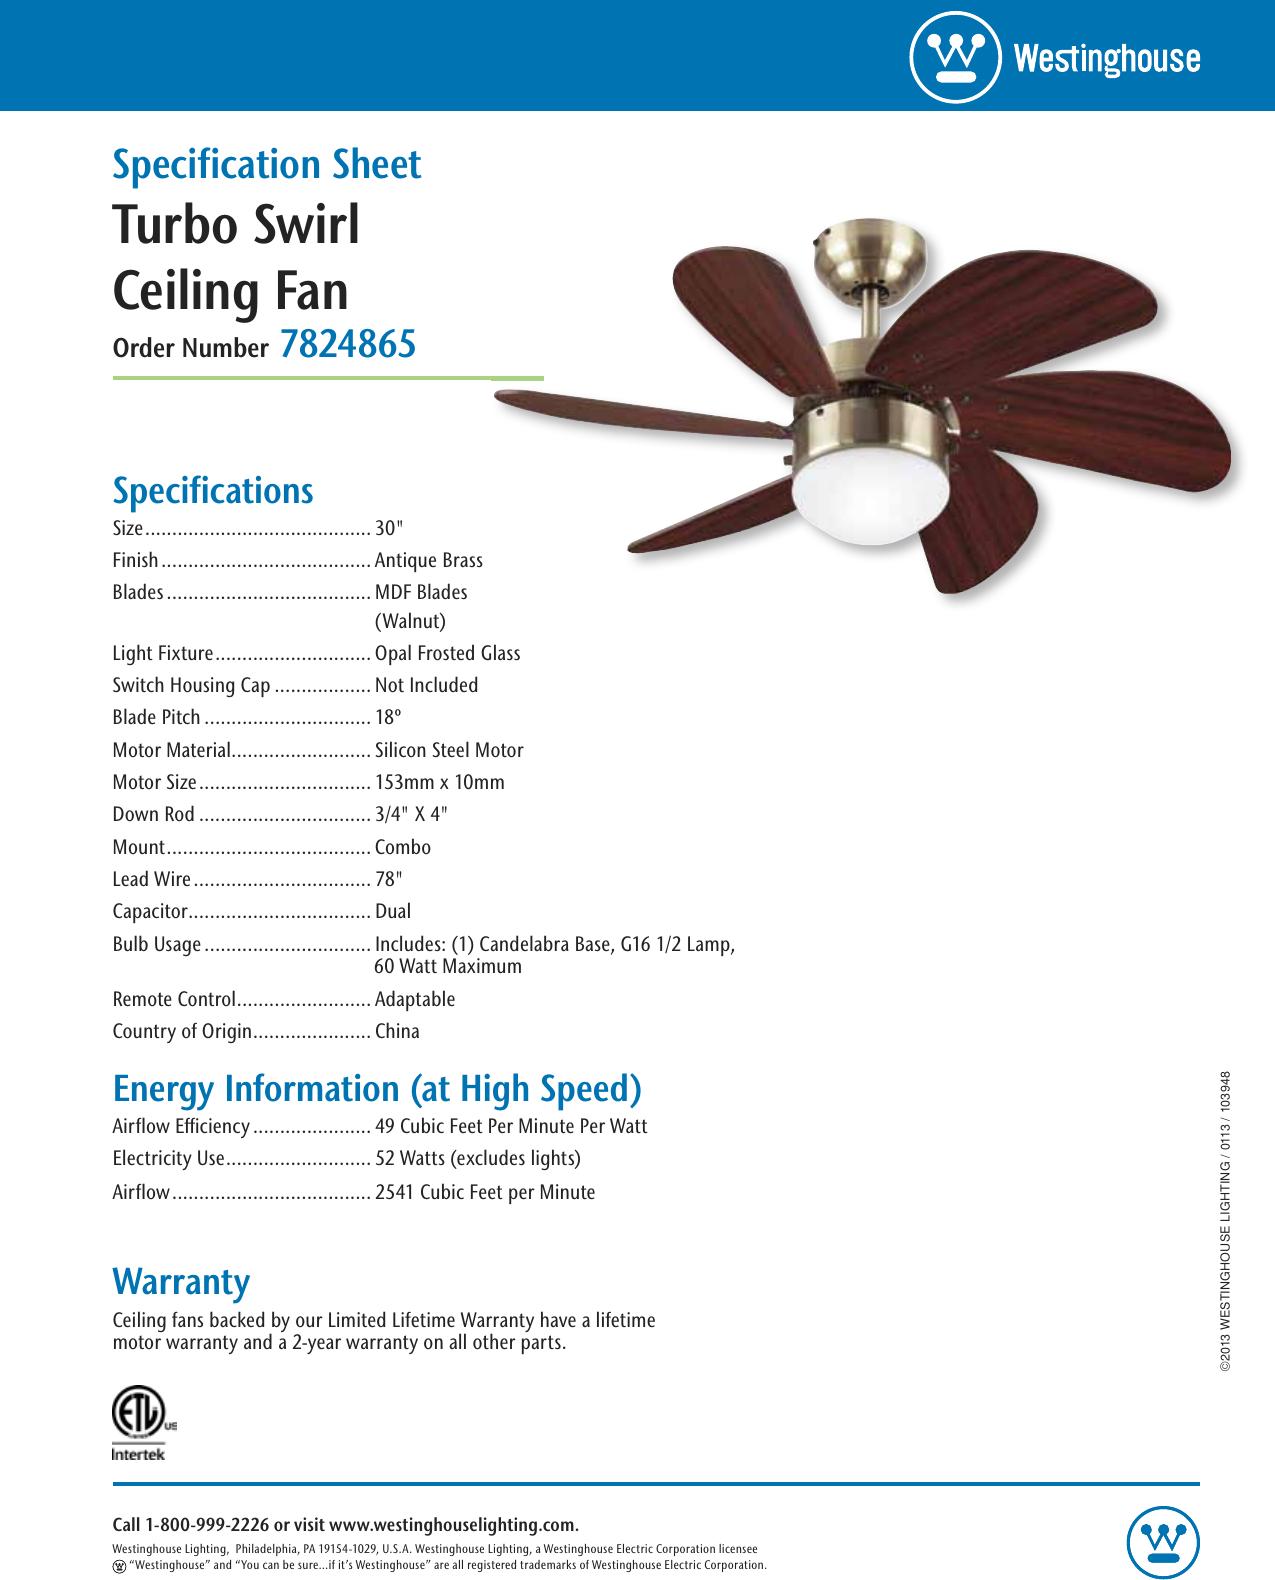 Westinghouse Turbo Swirl 30 Inch Six